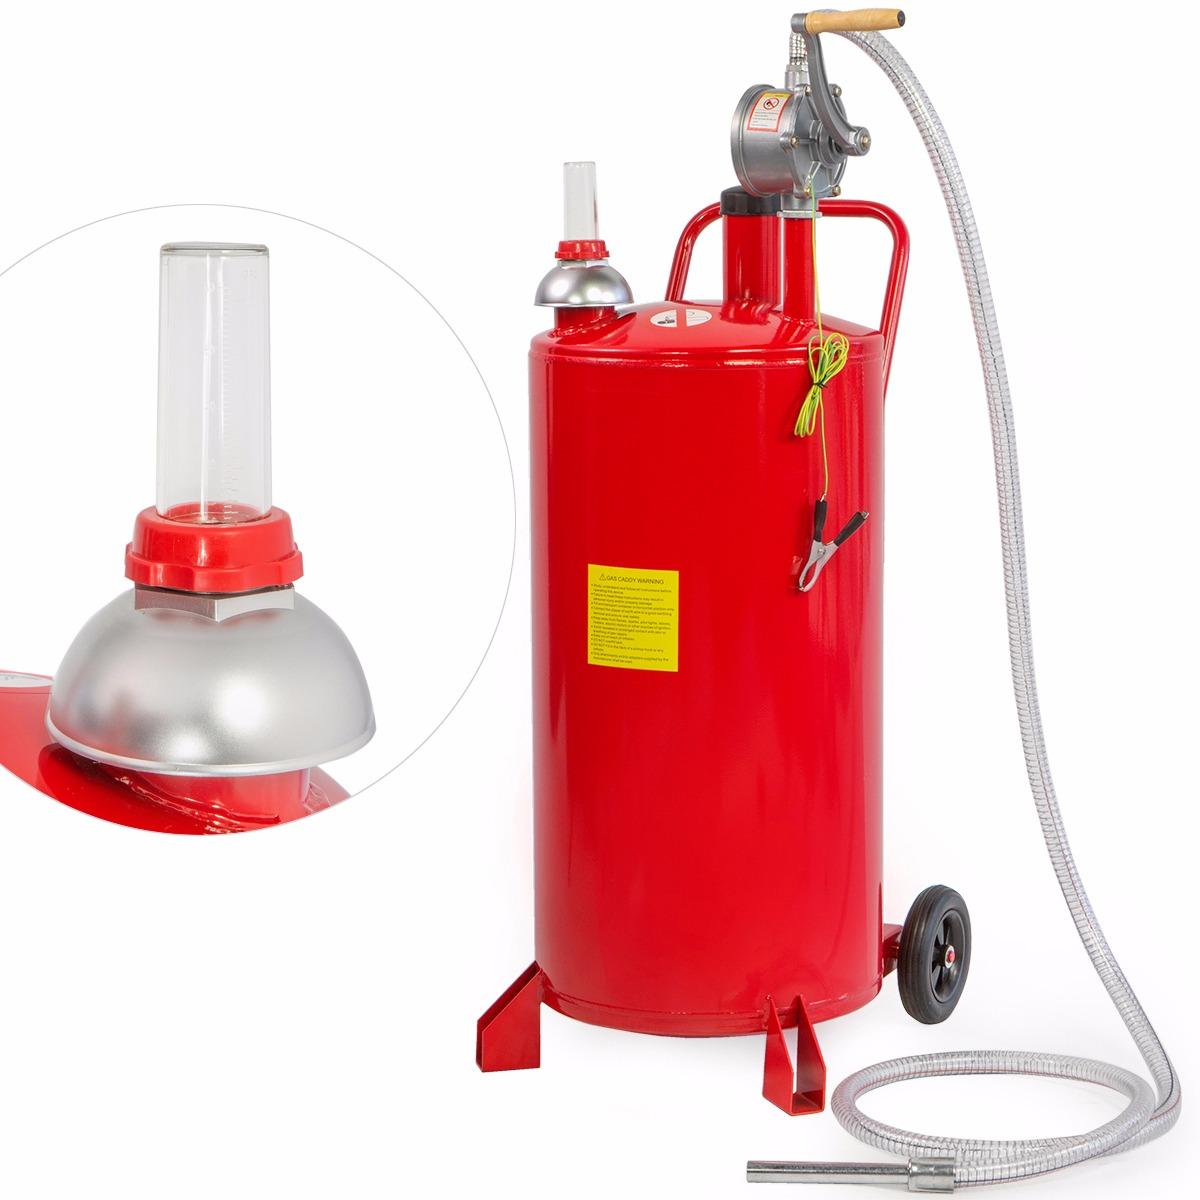 Portable Fuel Tank Gasbuddy : Gallon gas caddy tank storage drum gasoline diesel fuel